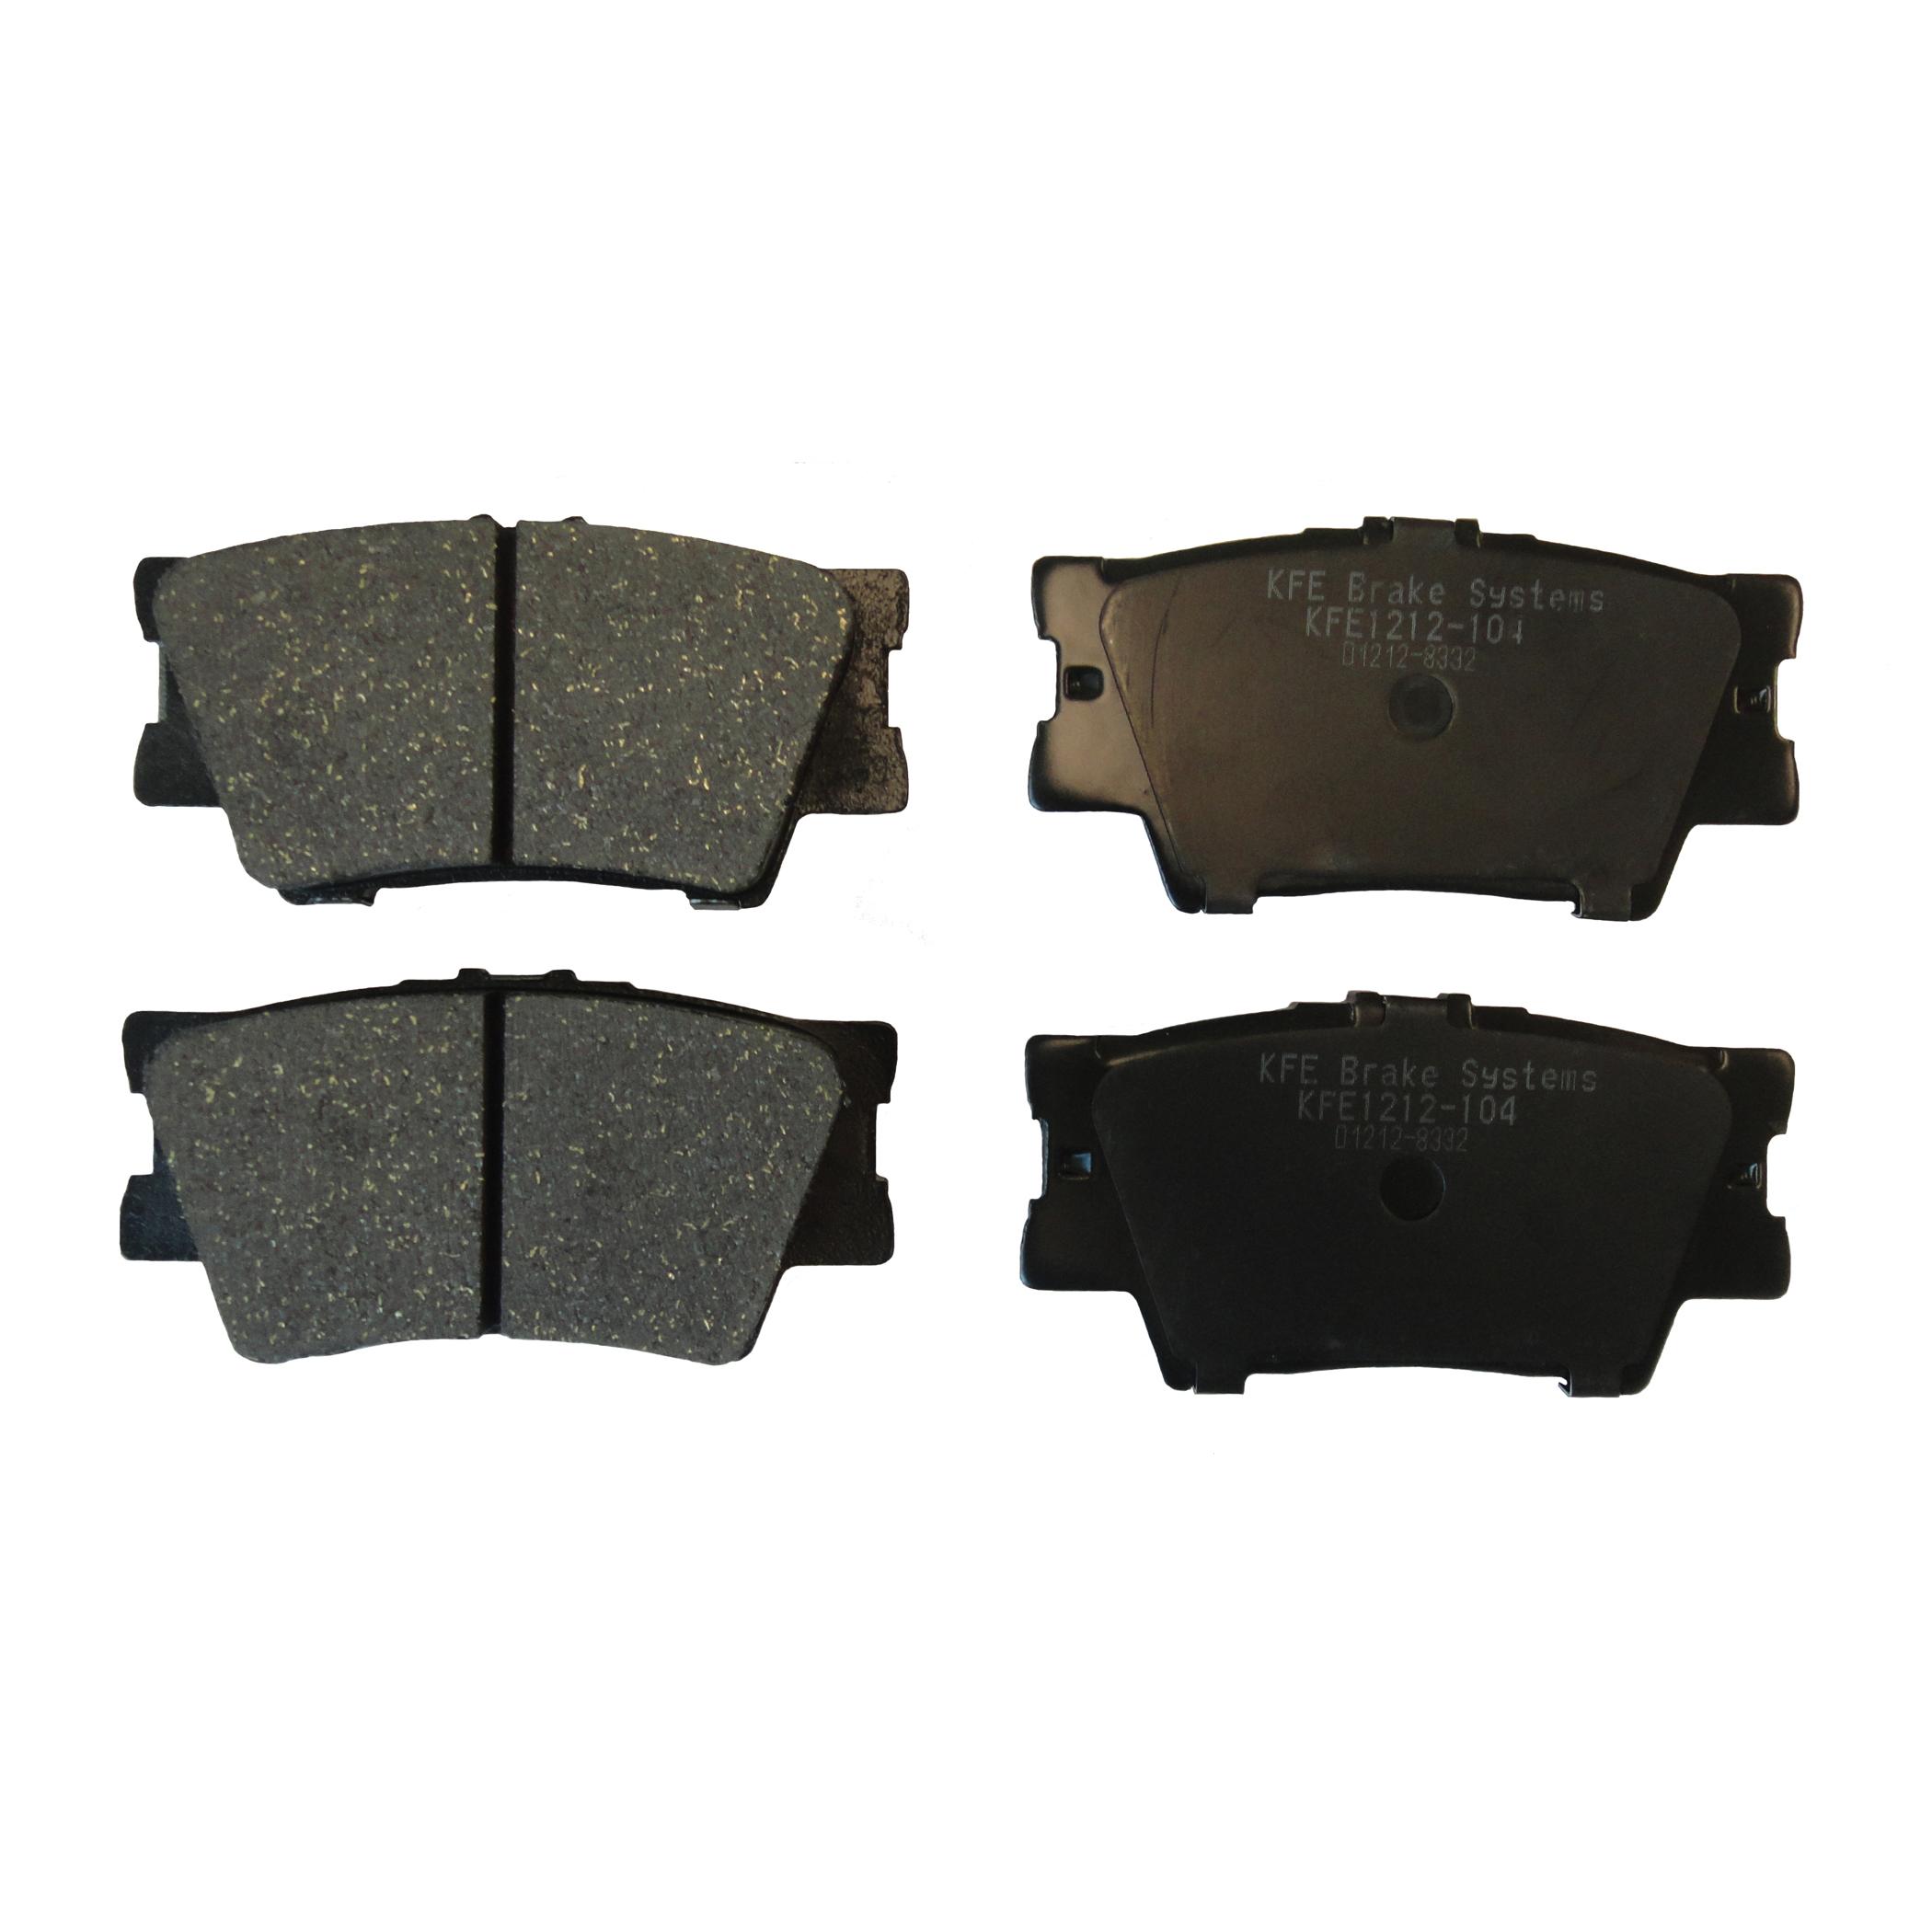 KFE1212-104 Ultra Quiet Advanced Brake Pad